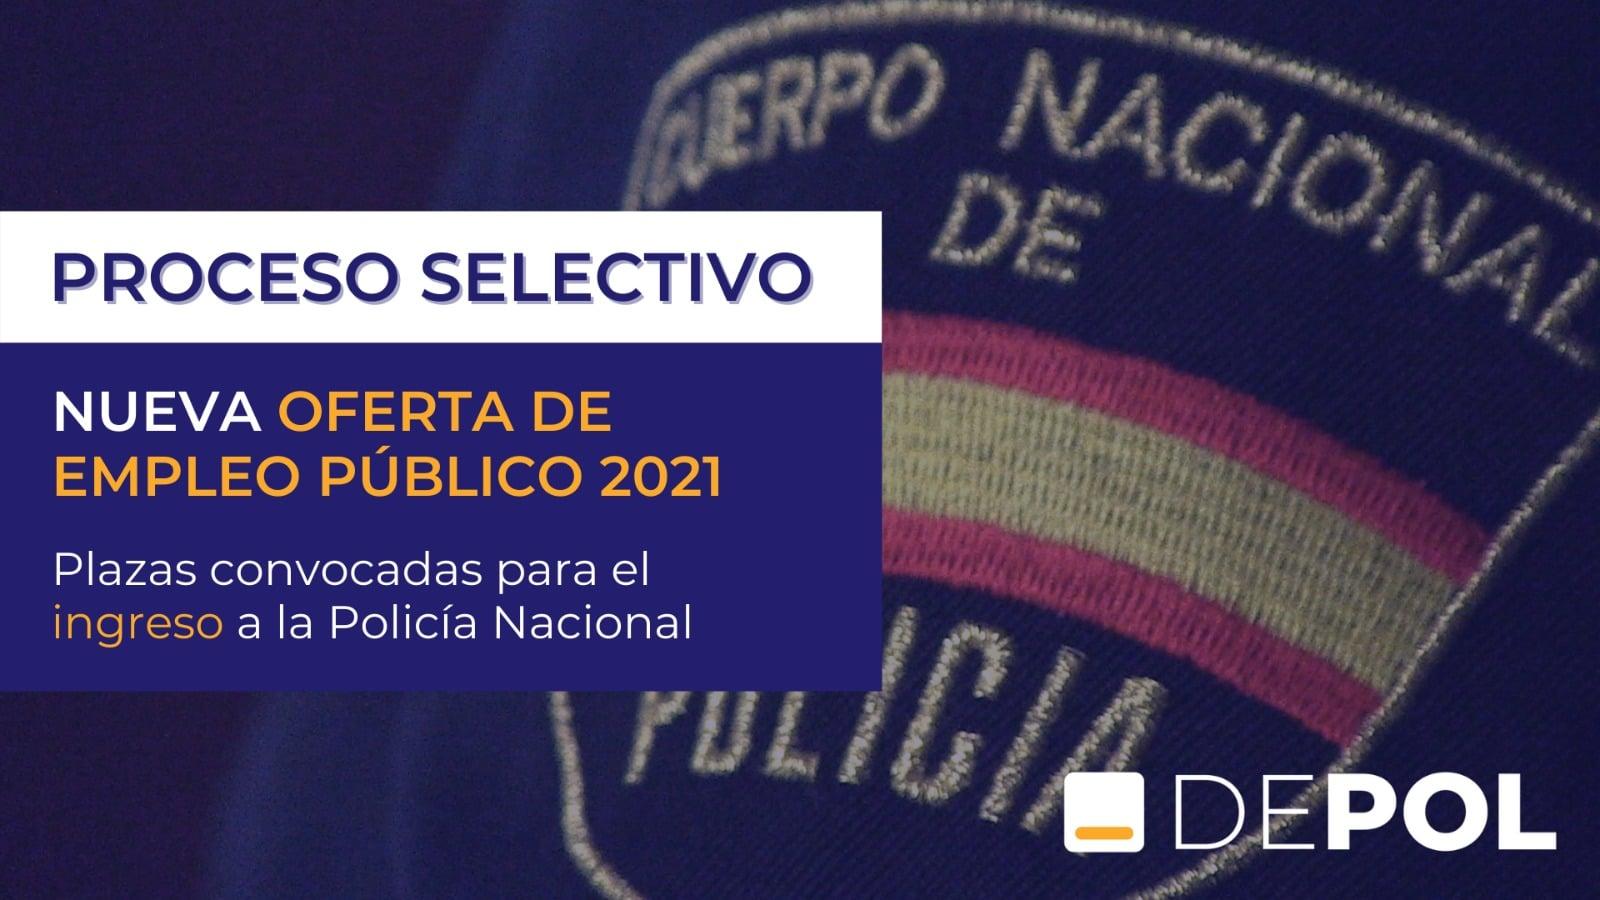 La Oferta de Empleo Público inicia la convocatoria 2021 para el ingreso a la Policía Nacional